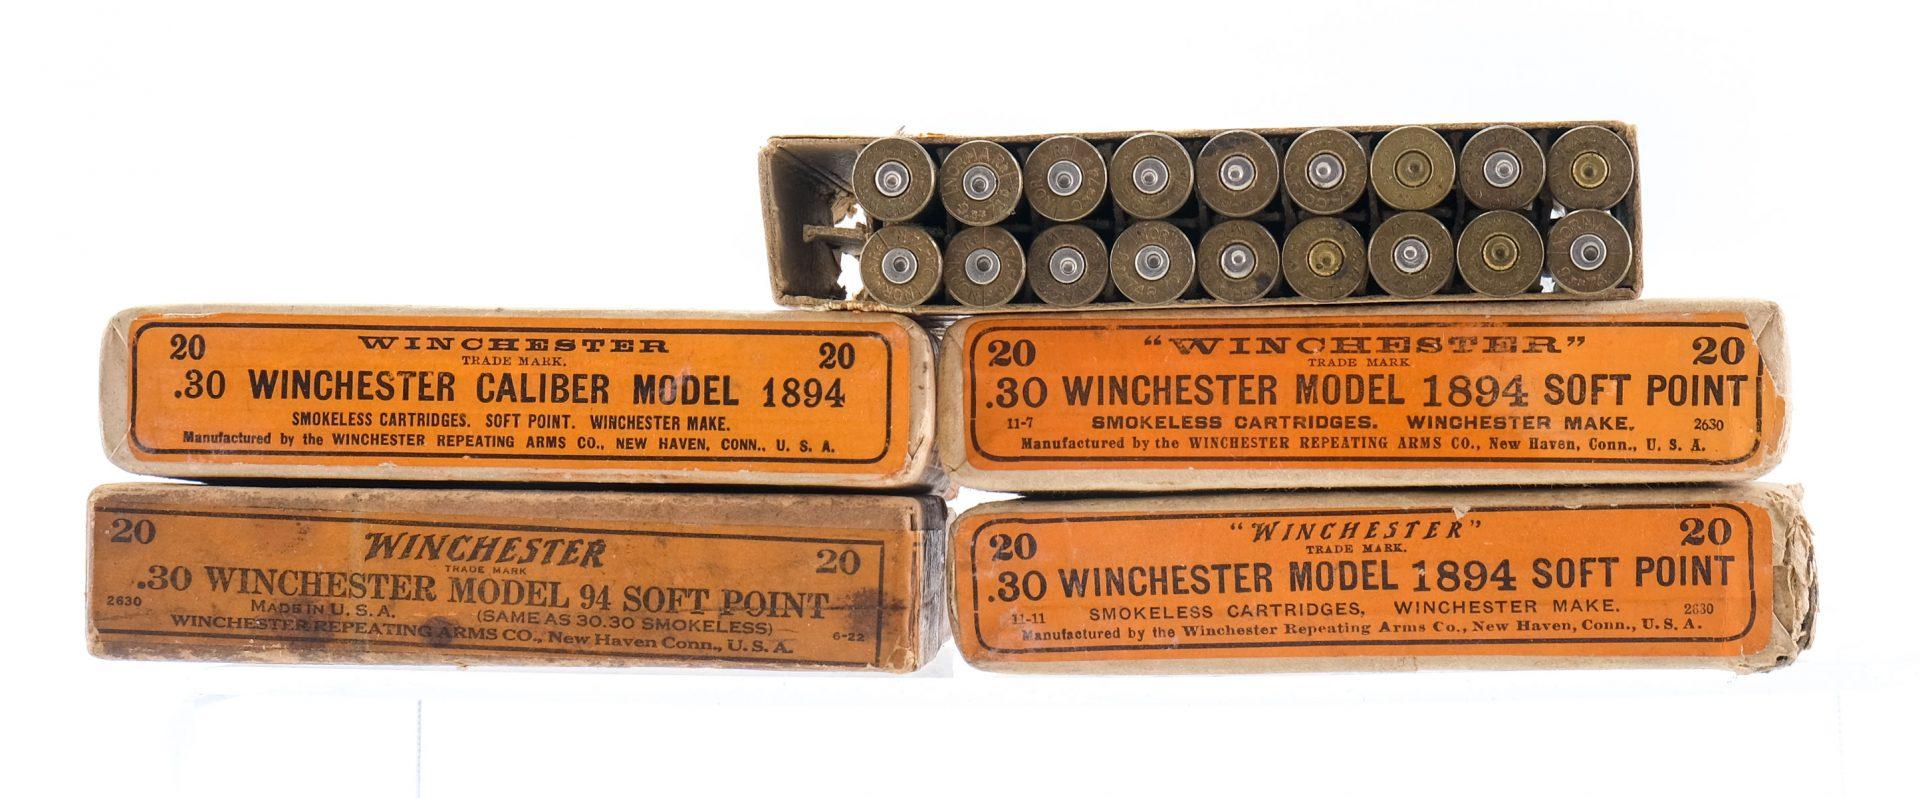 30-30 WIN 9.3x74R Ammunition 124Rds